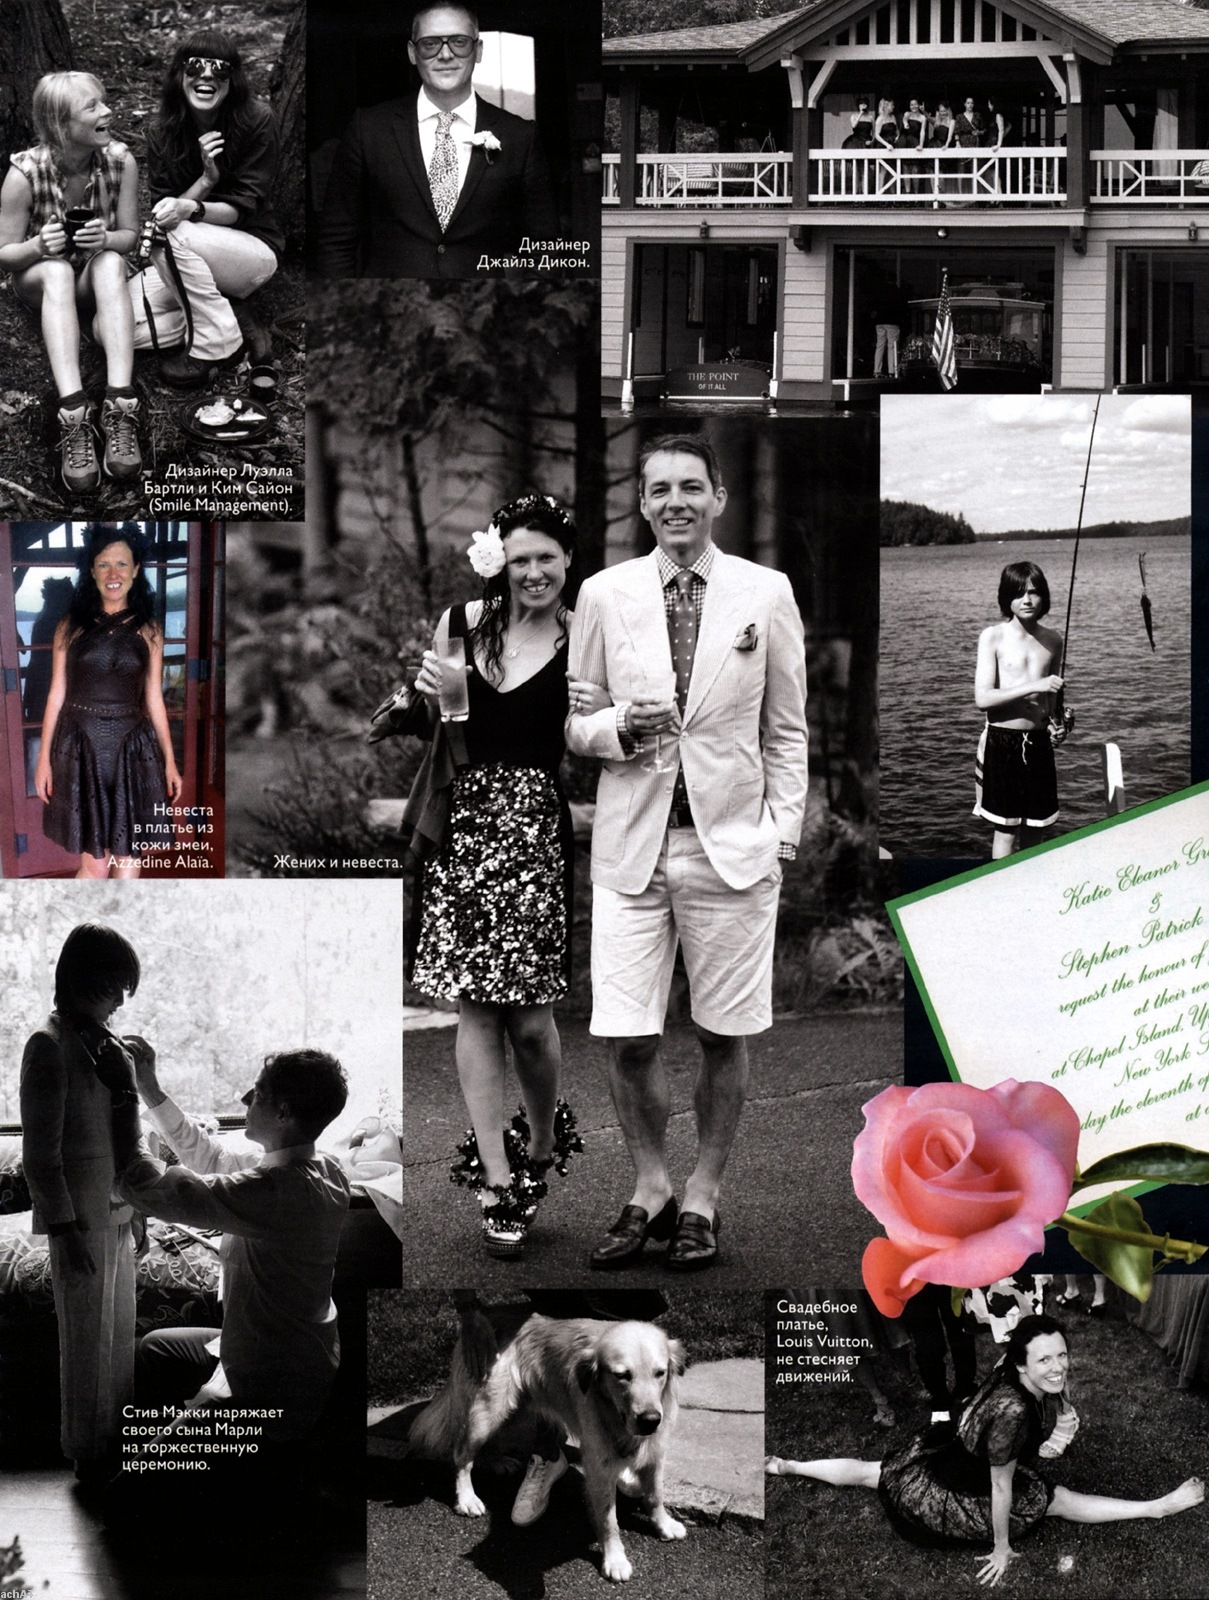 72781_at_Katie_Grand_2009-10_wedding_vor-2_122_237lo